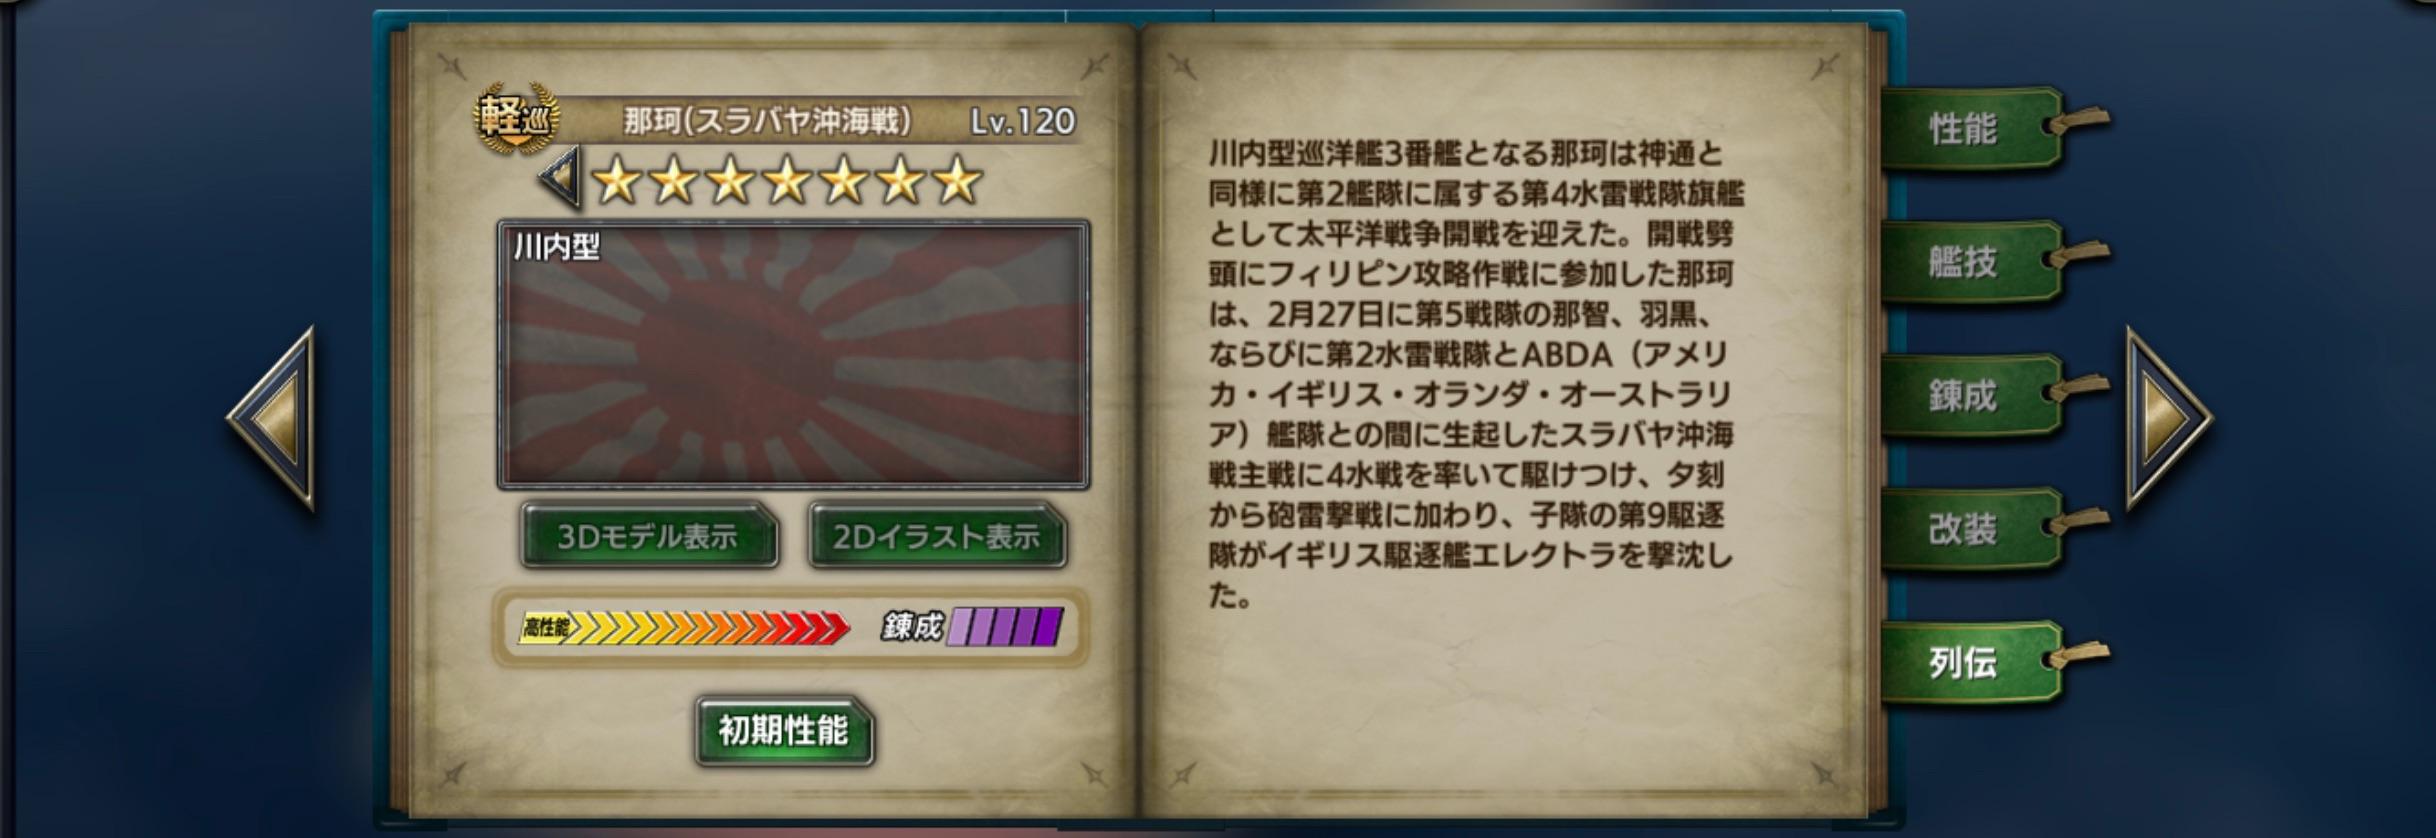 NakaS-history